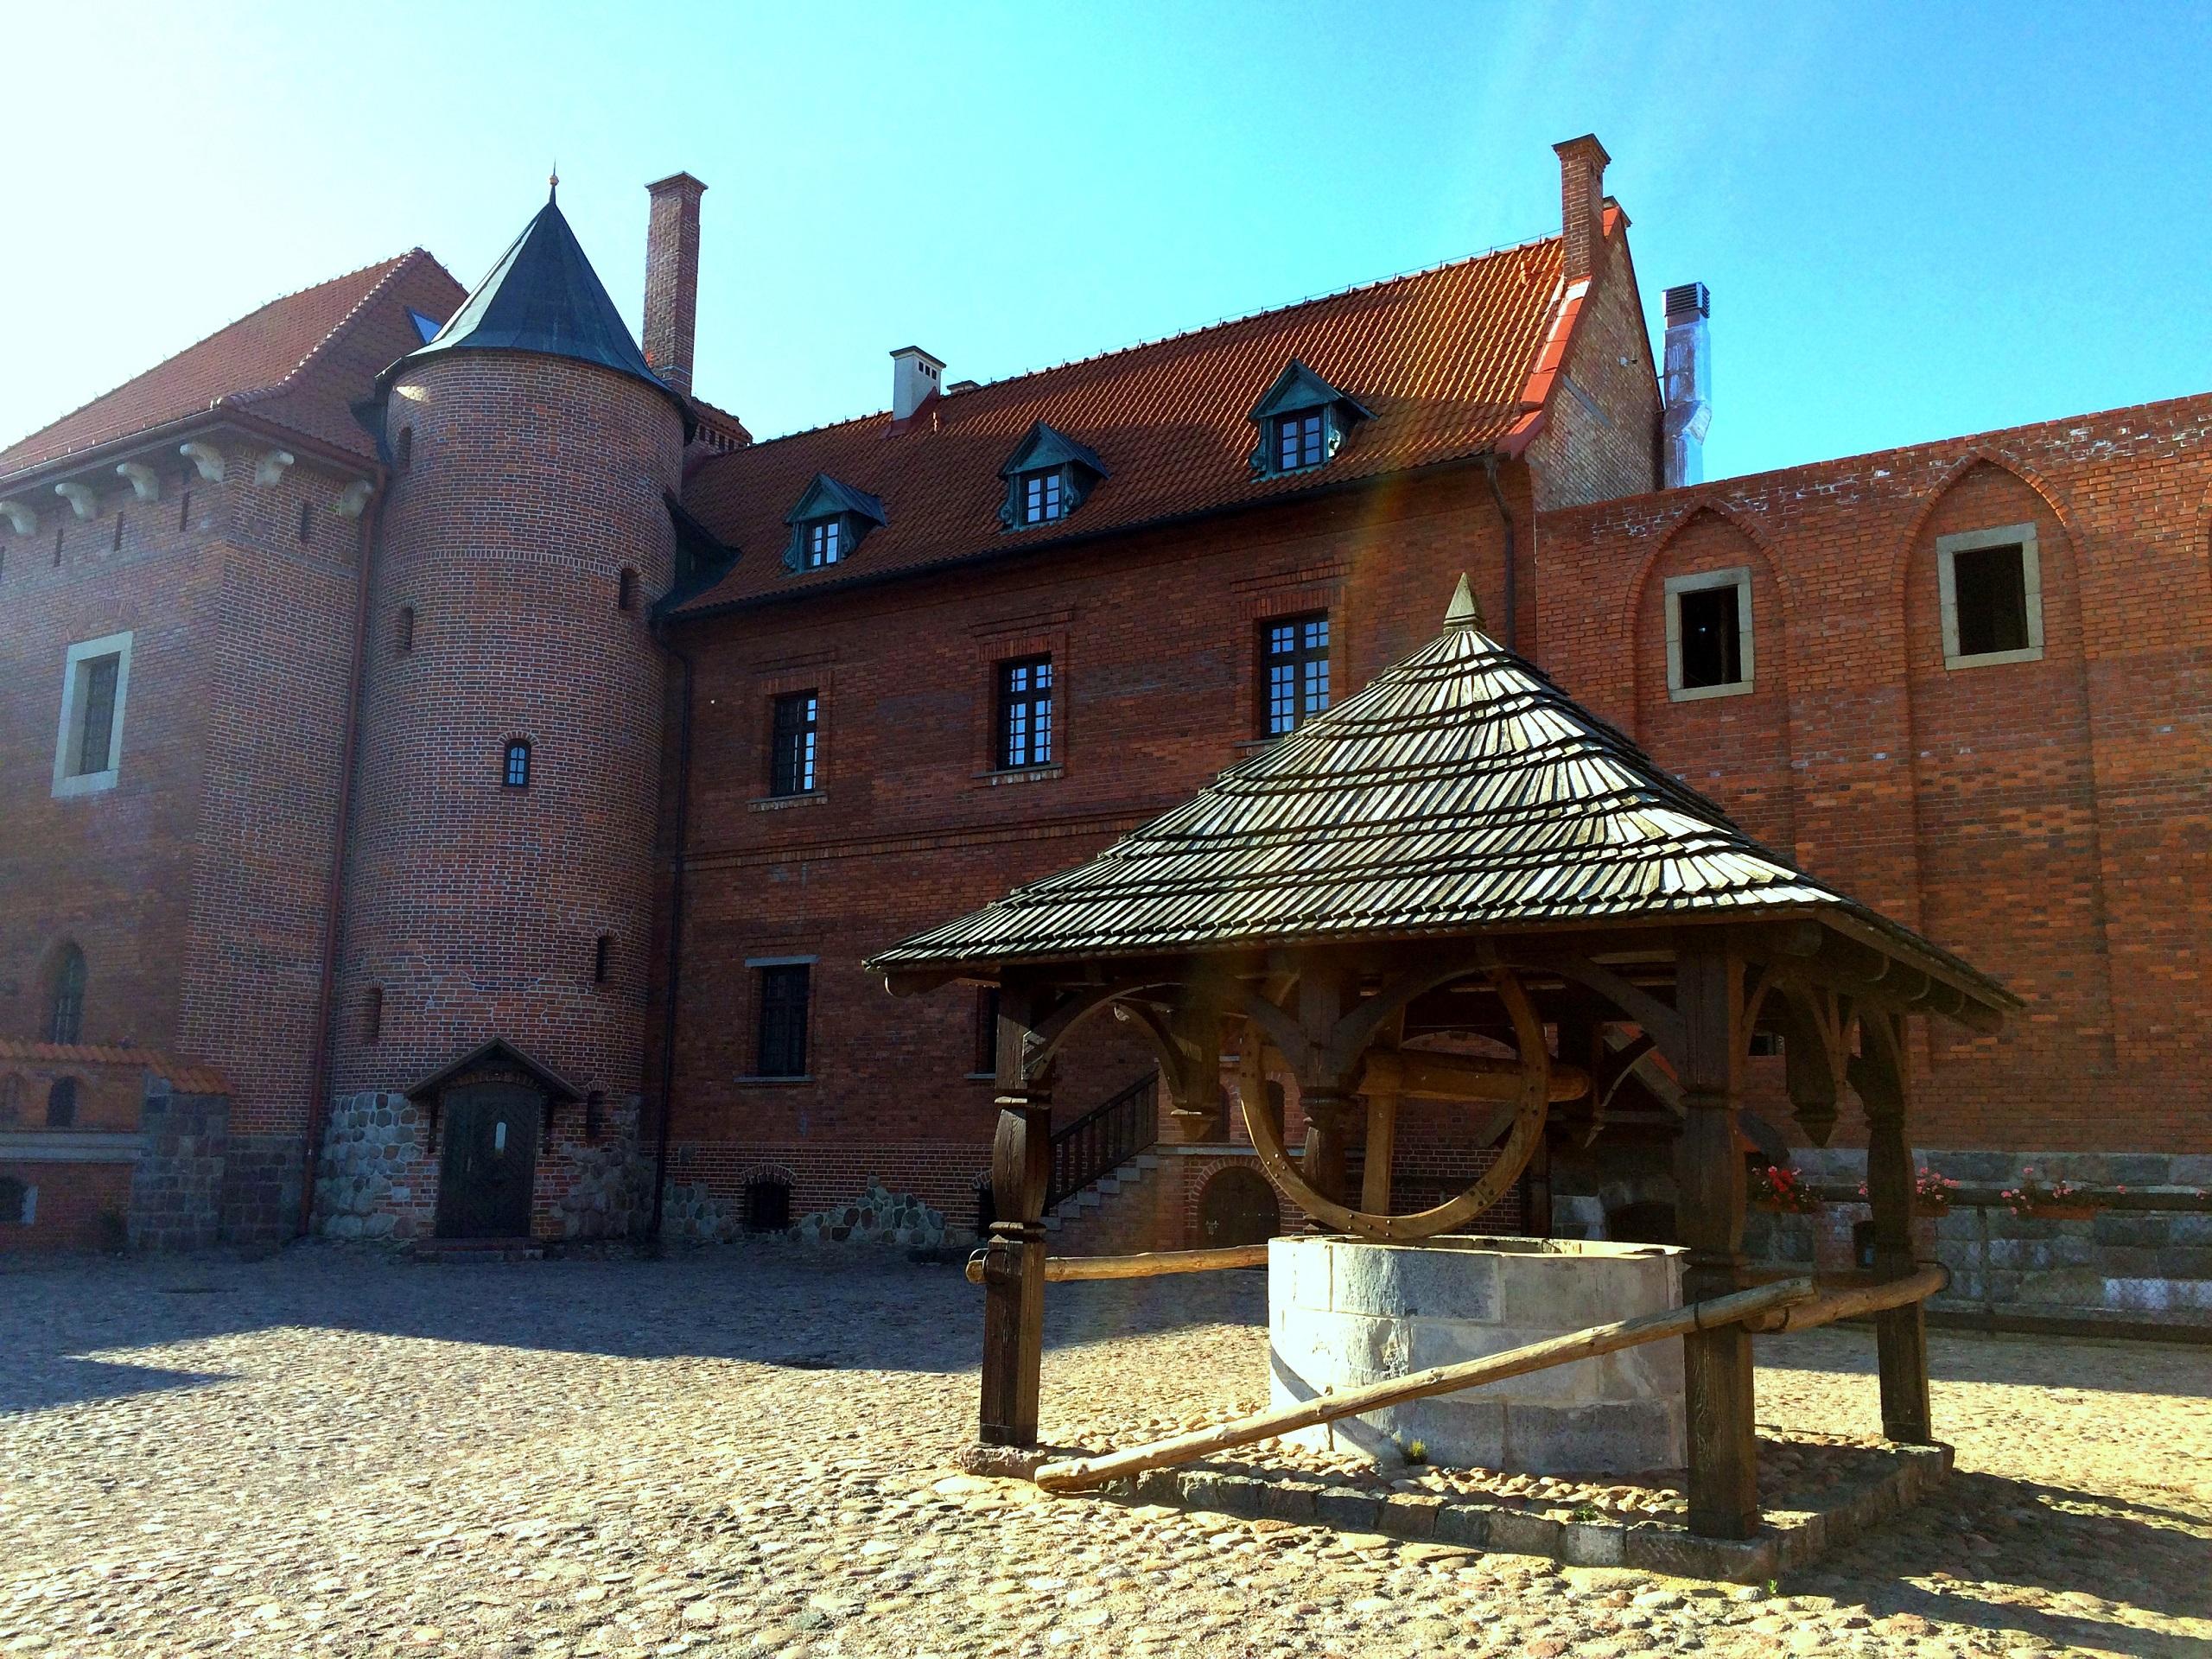 Zamek w Tykocinie - dziedziniec